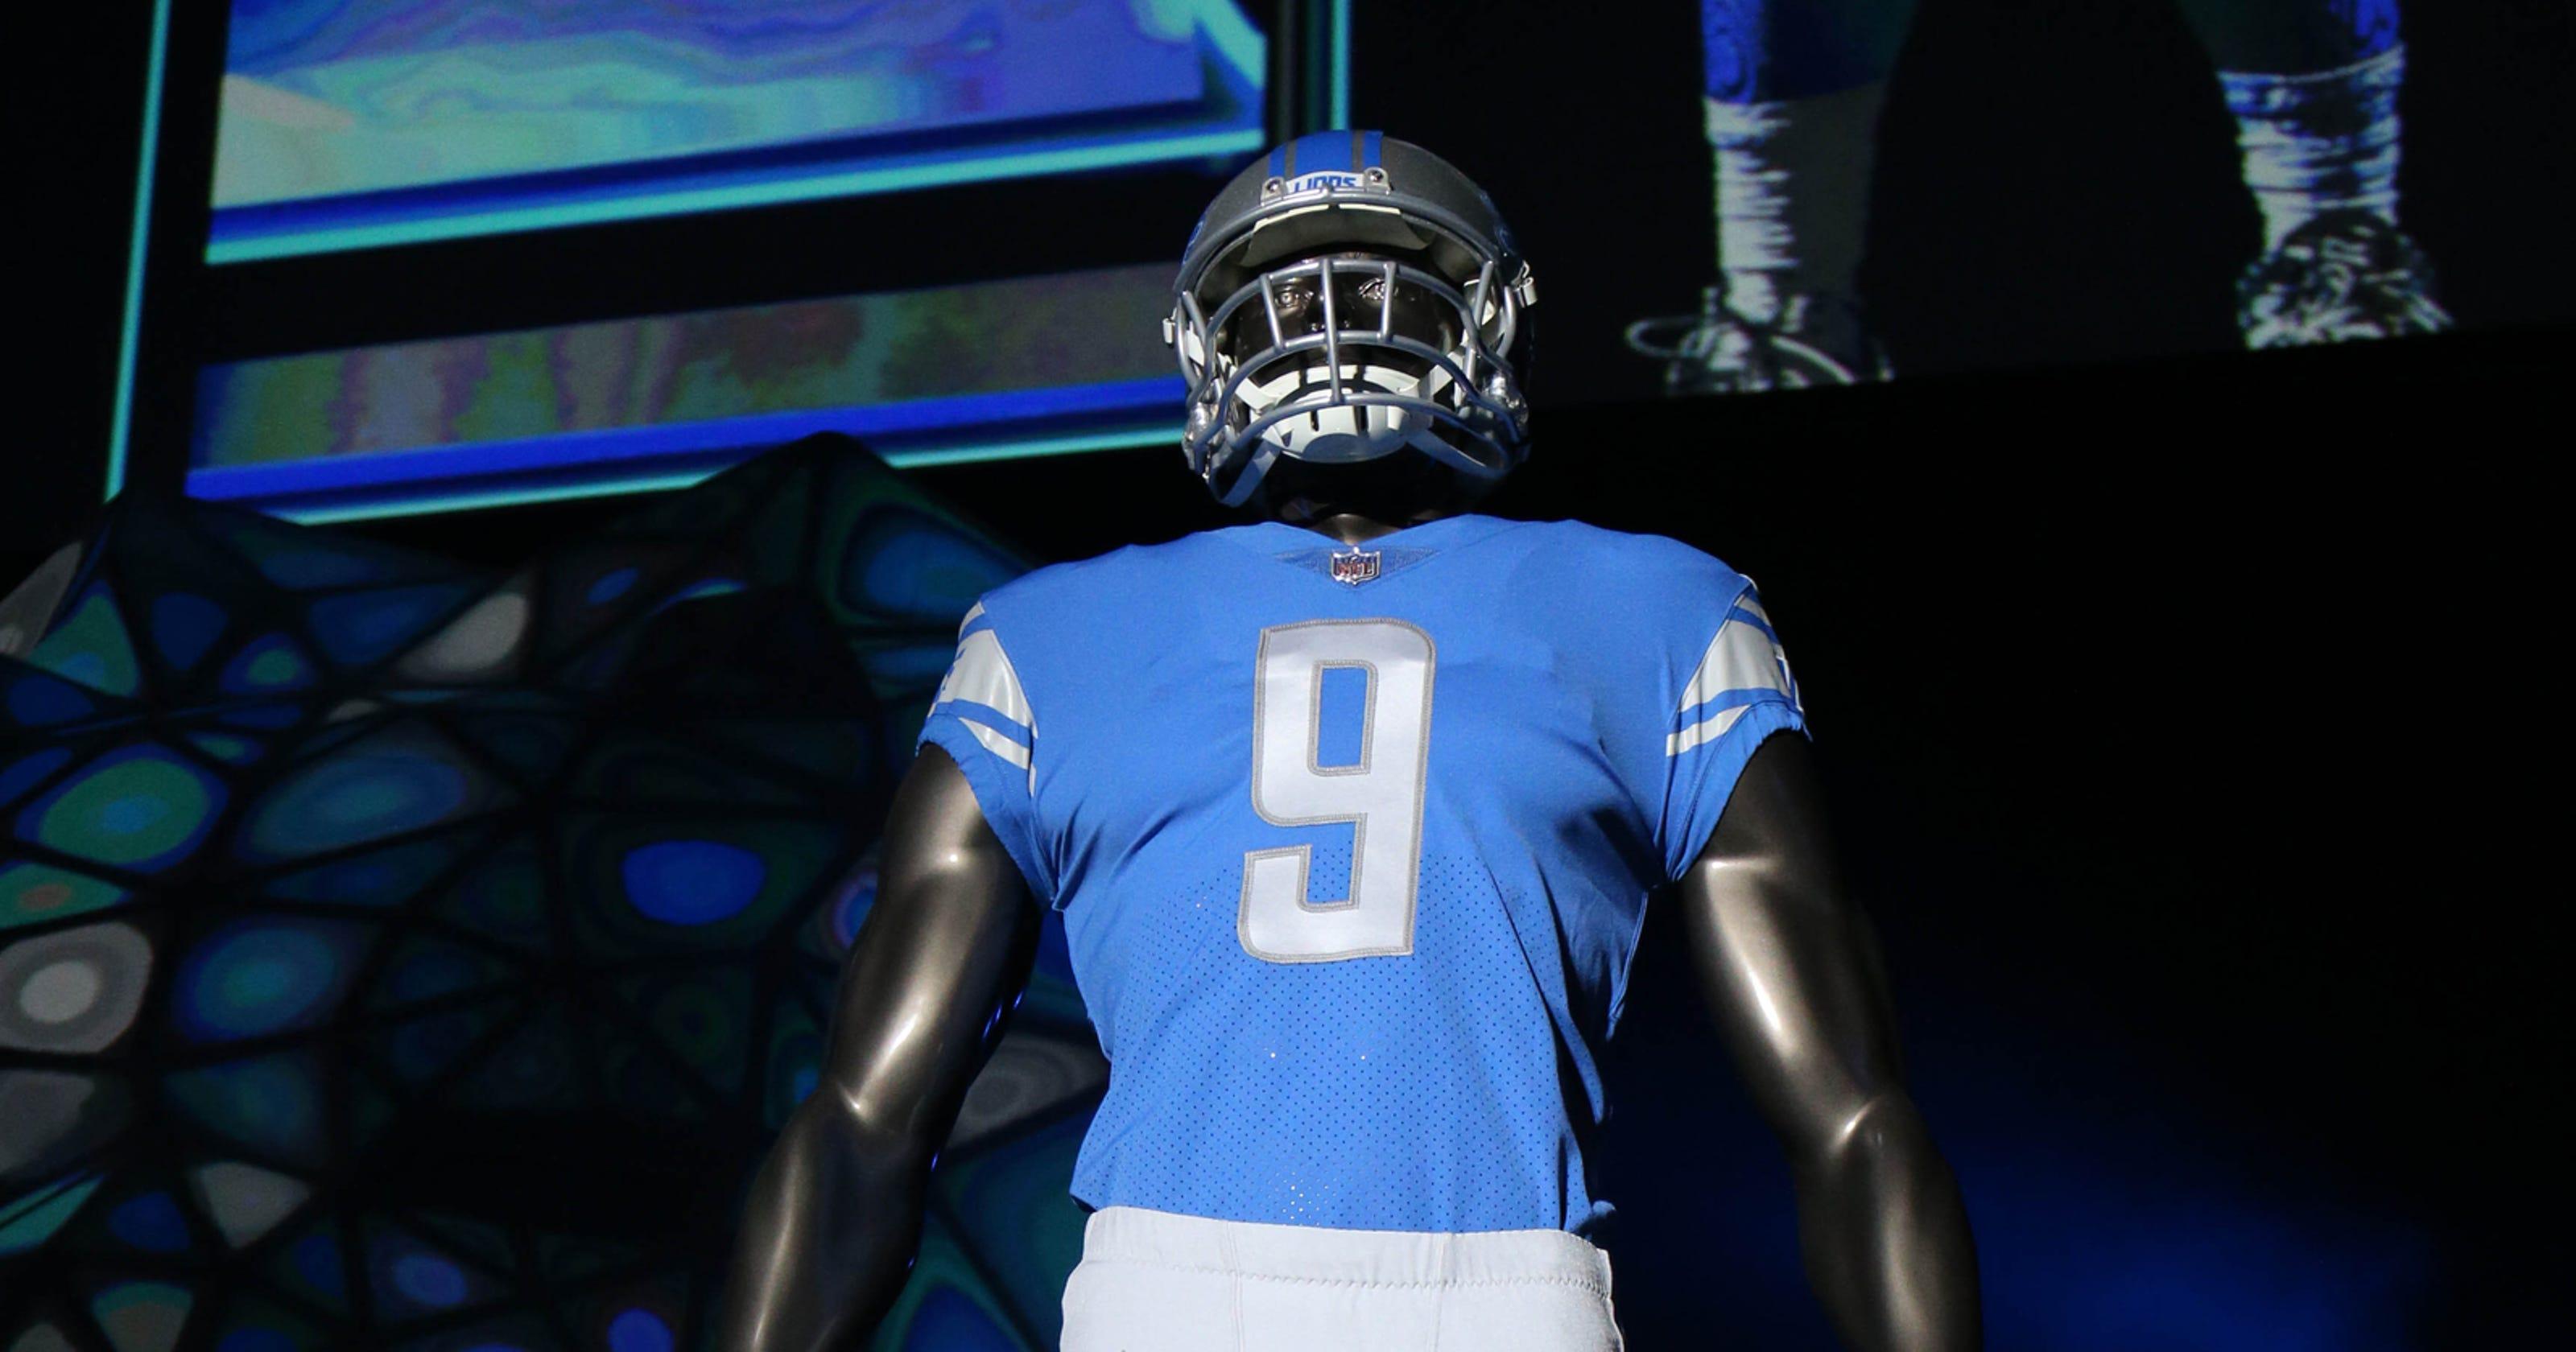 Detroit Lions  new uniforms a hit among fans 5e52d5e6f